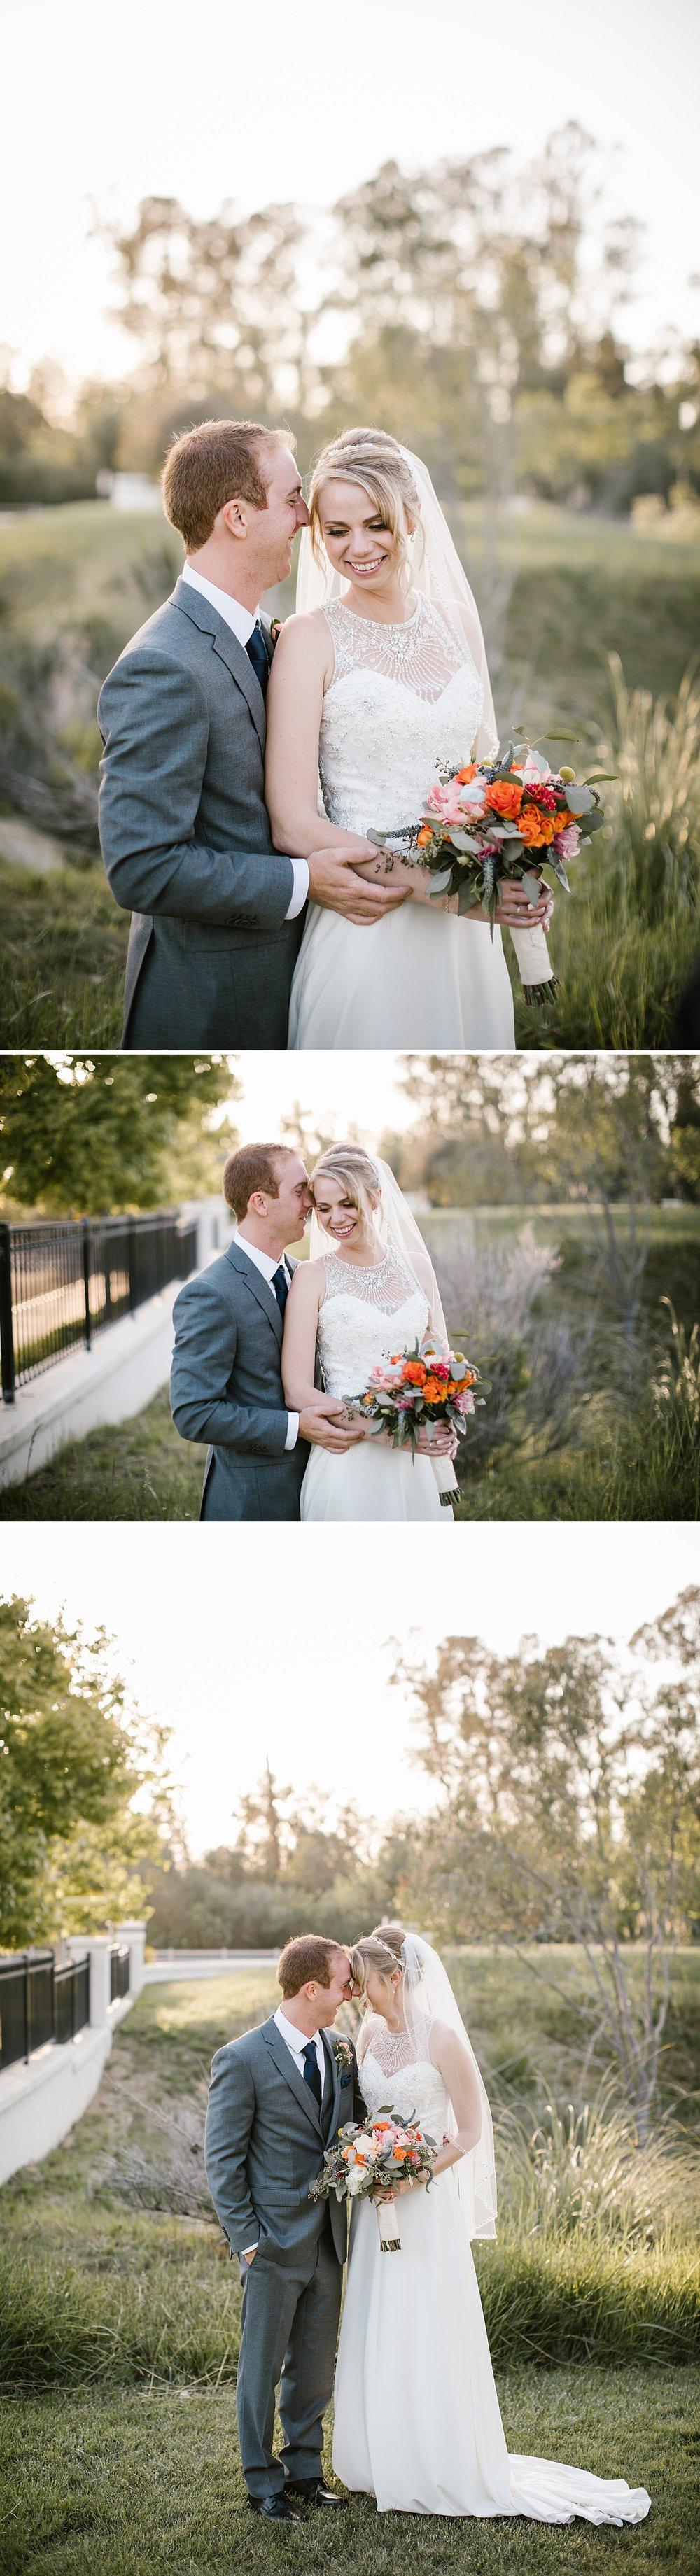 Wedgewood Wedding Sterling Hills_0012.jpg